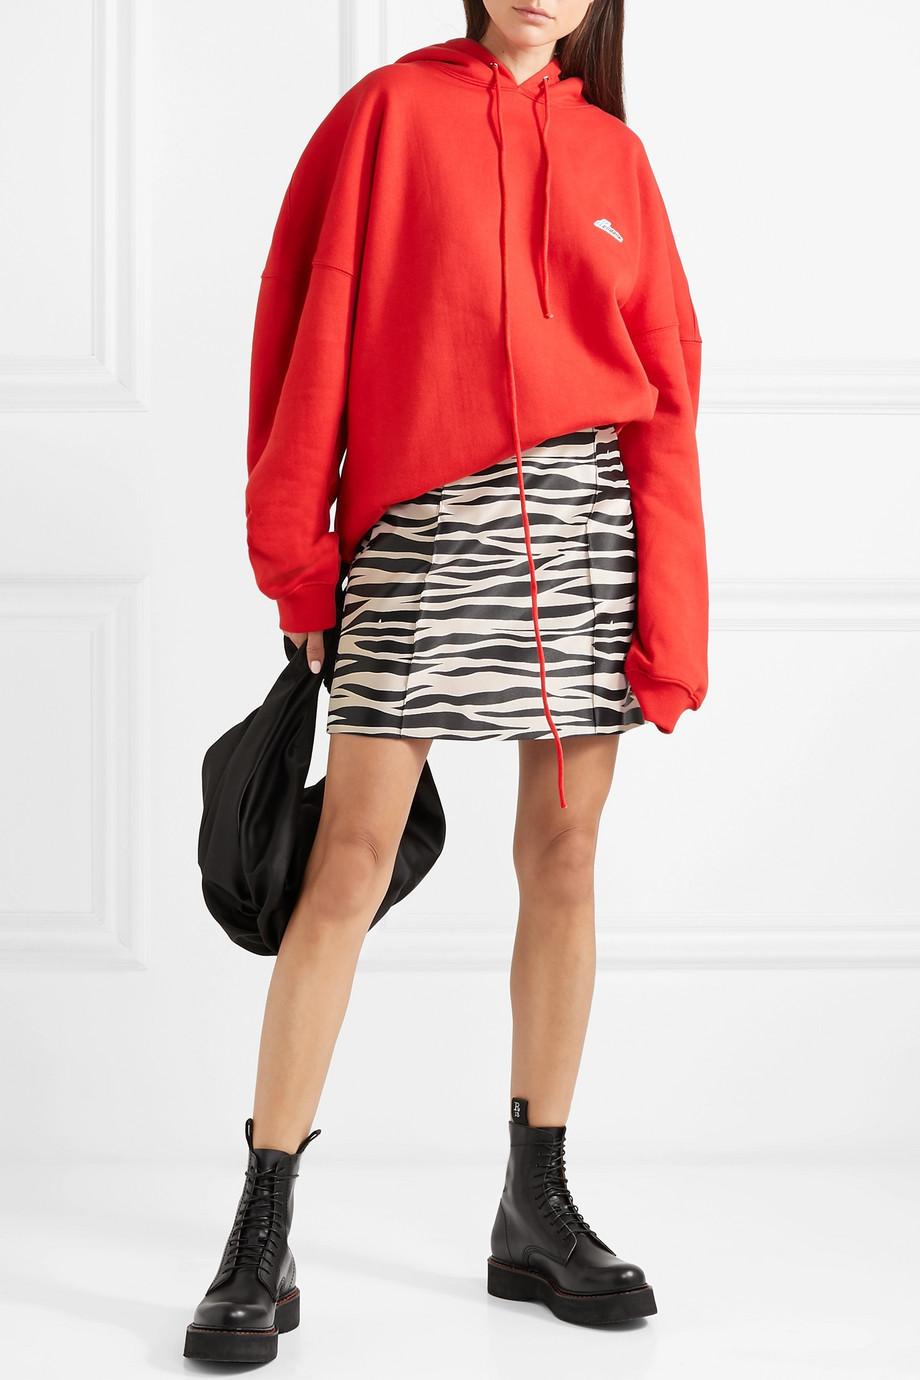 We11Done Zebra-print satin mini skirt $420